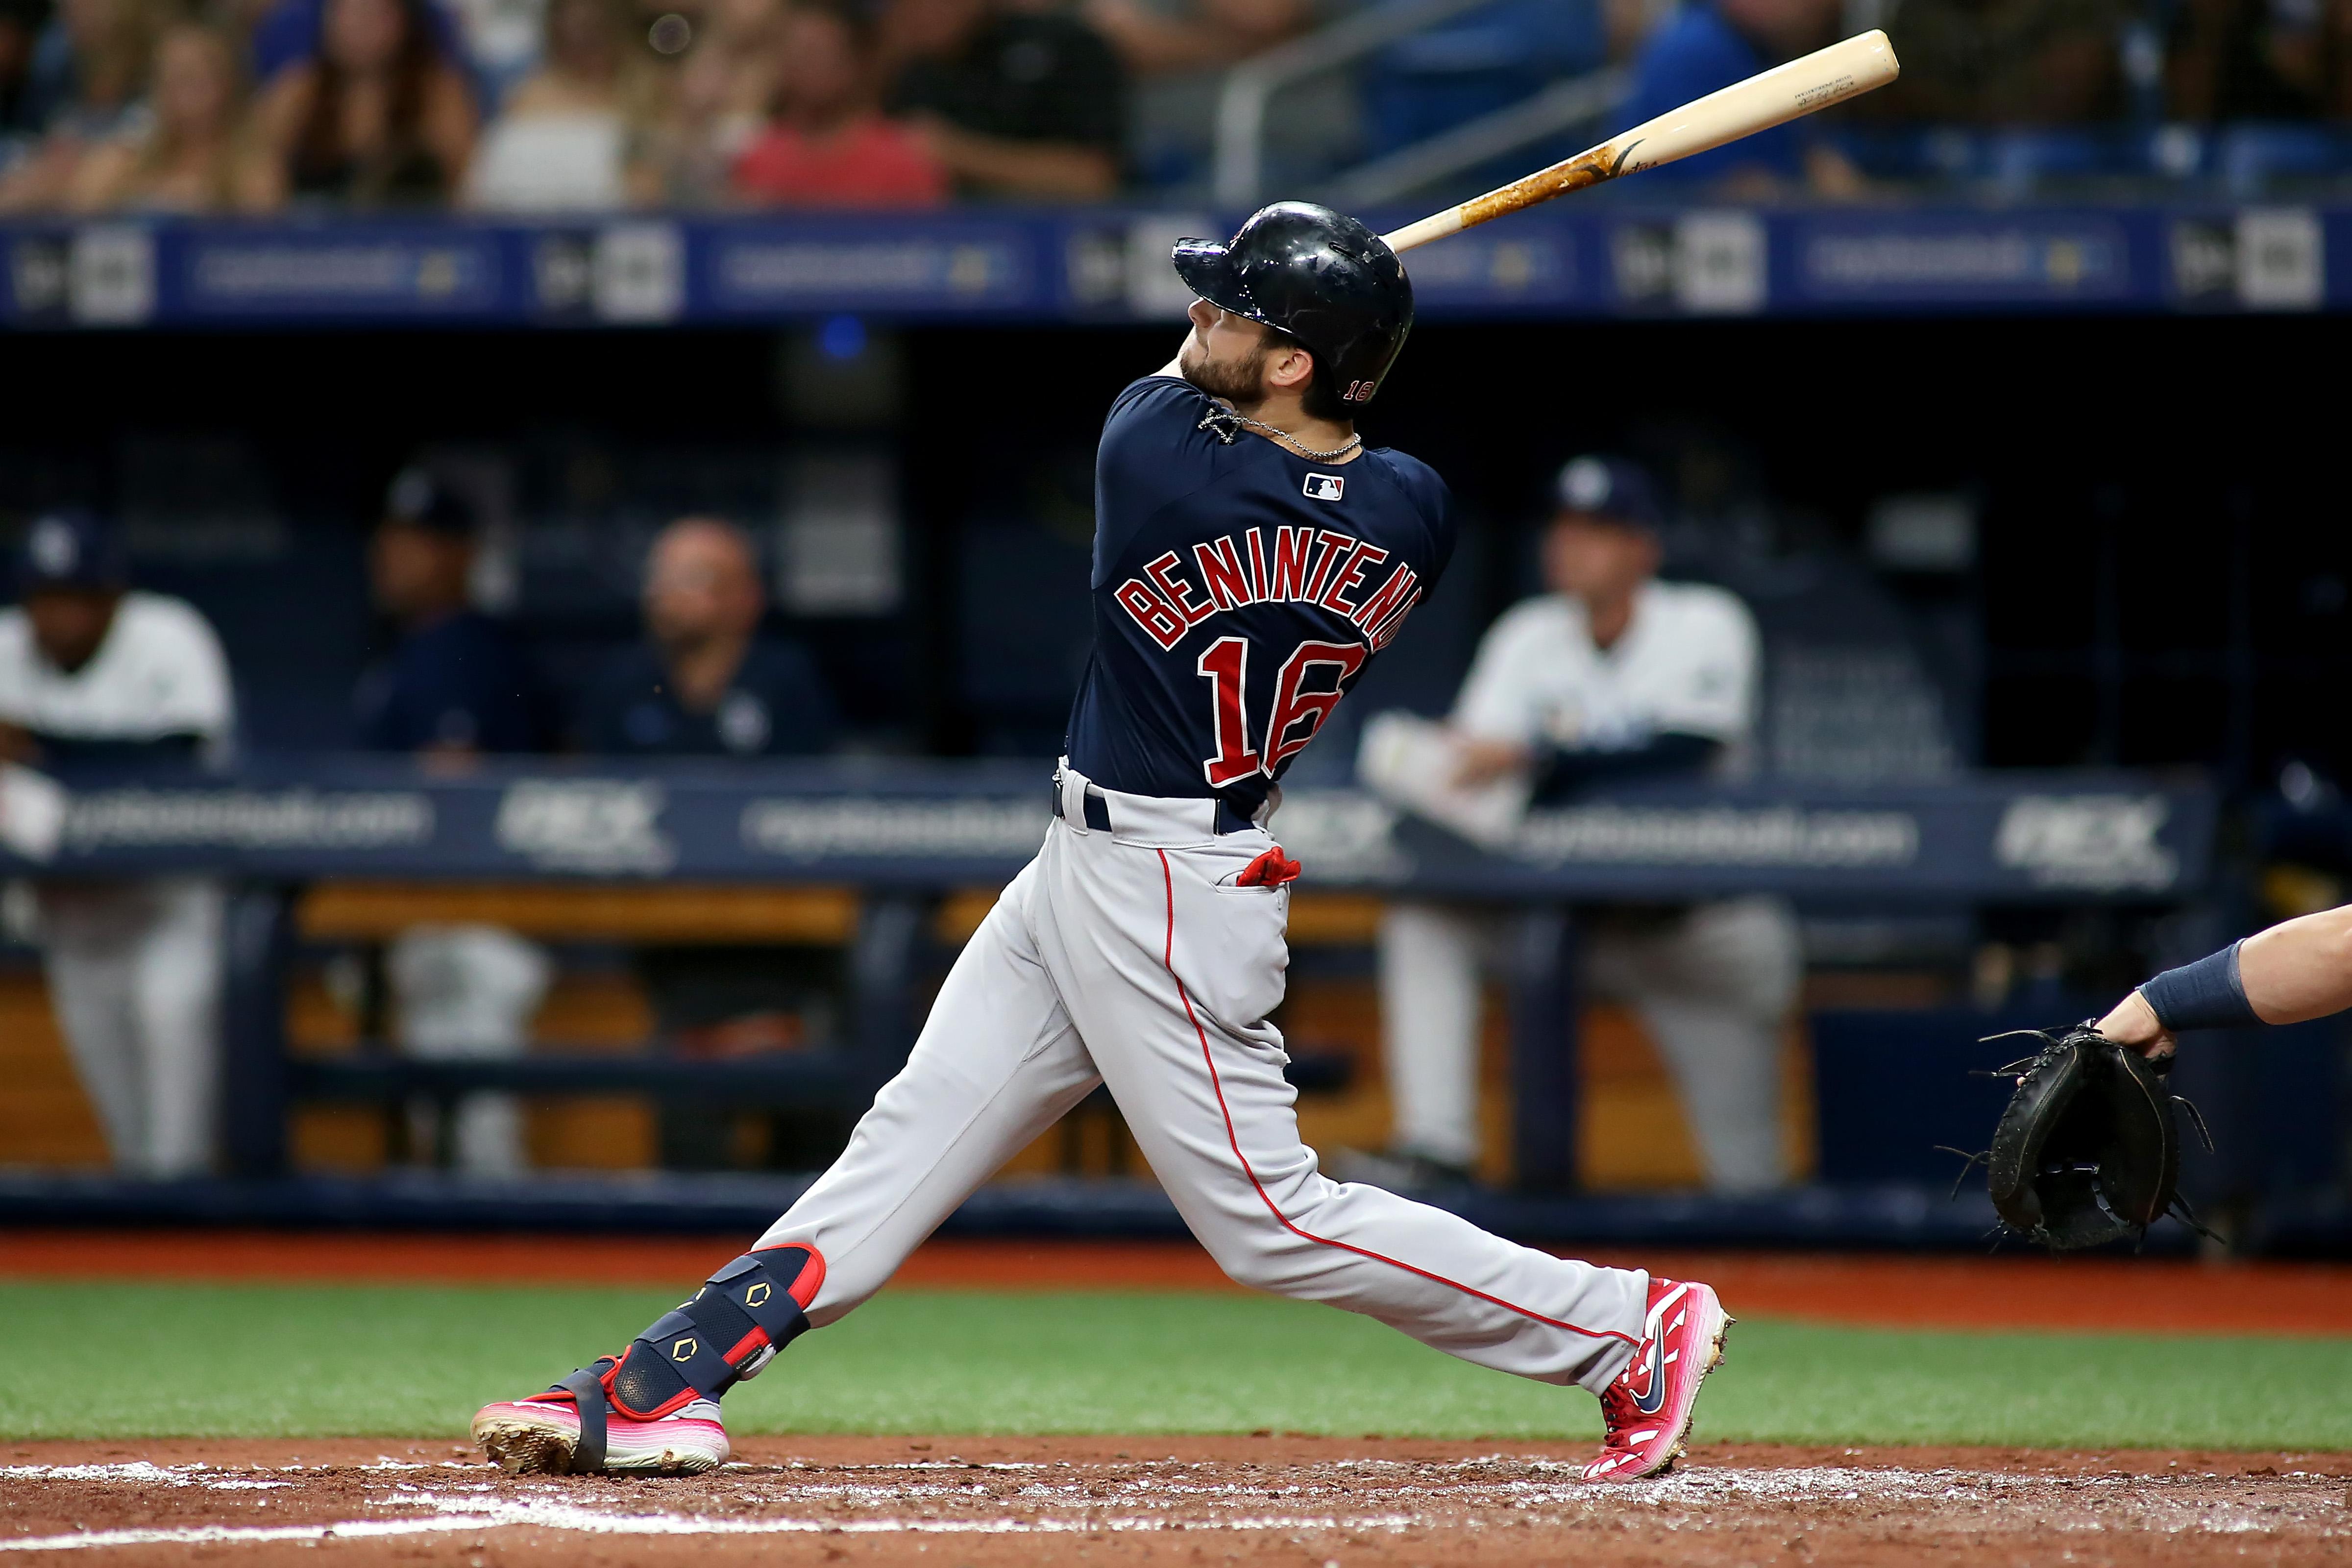 MLB: JUL 22 Red Sox at Rays